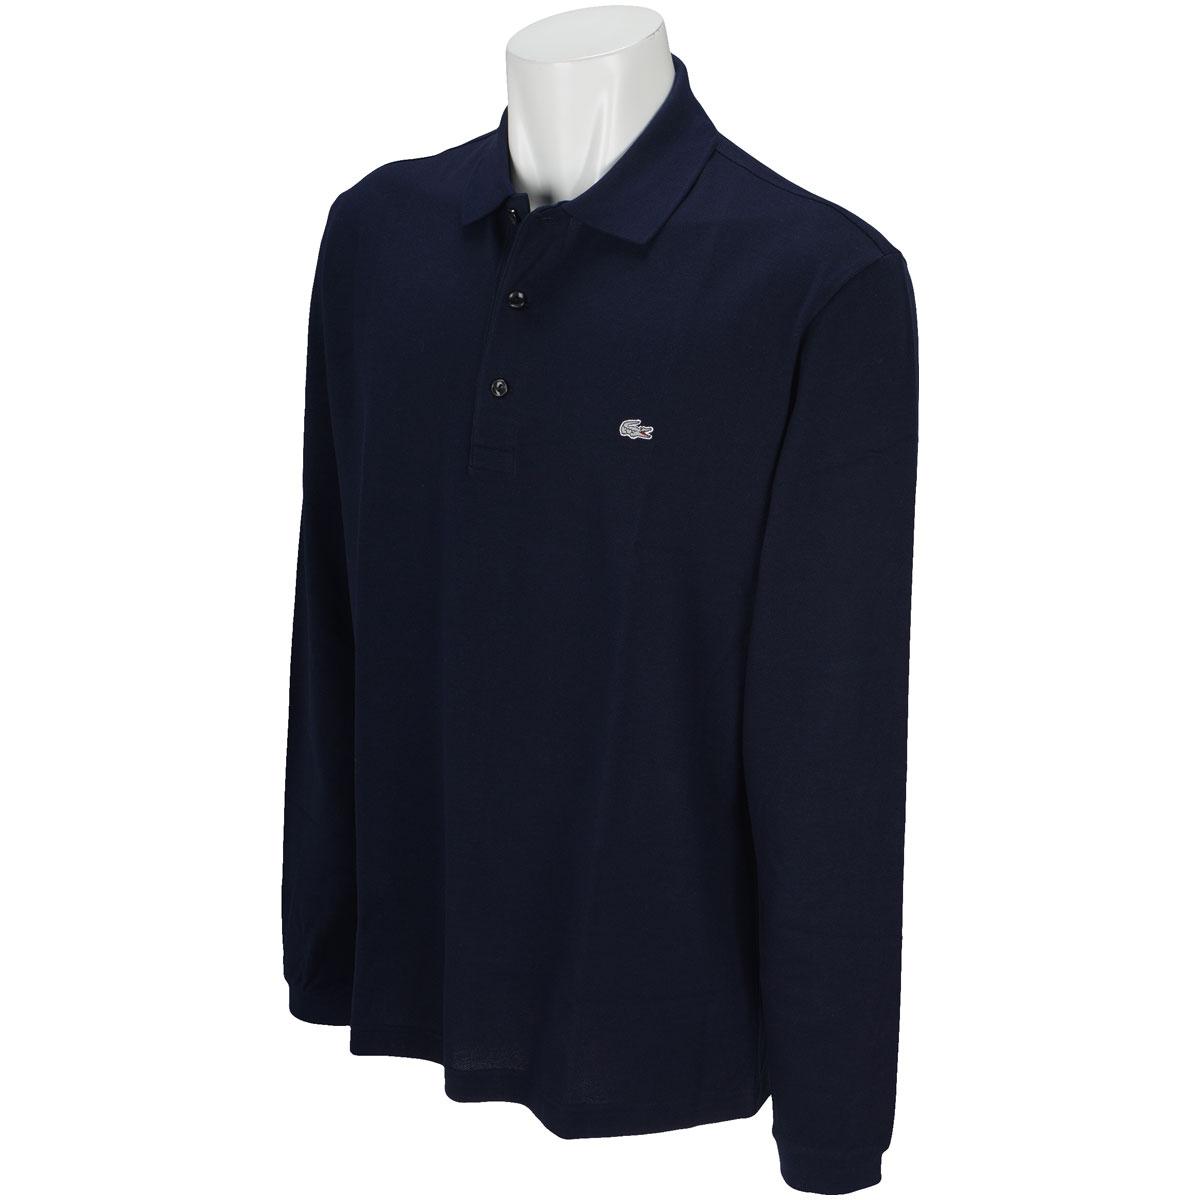 グレーワニ 3つボタン長袖ポロシャツ